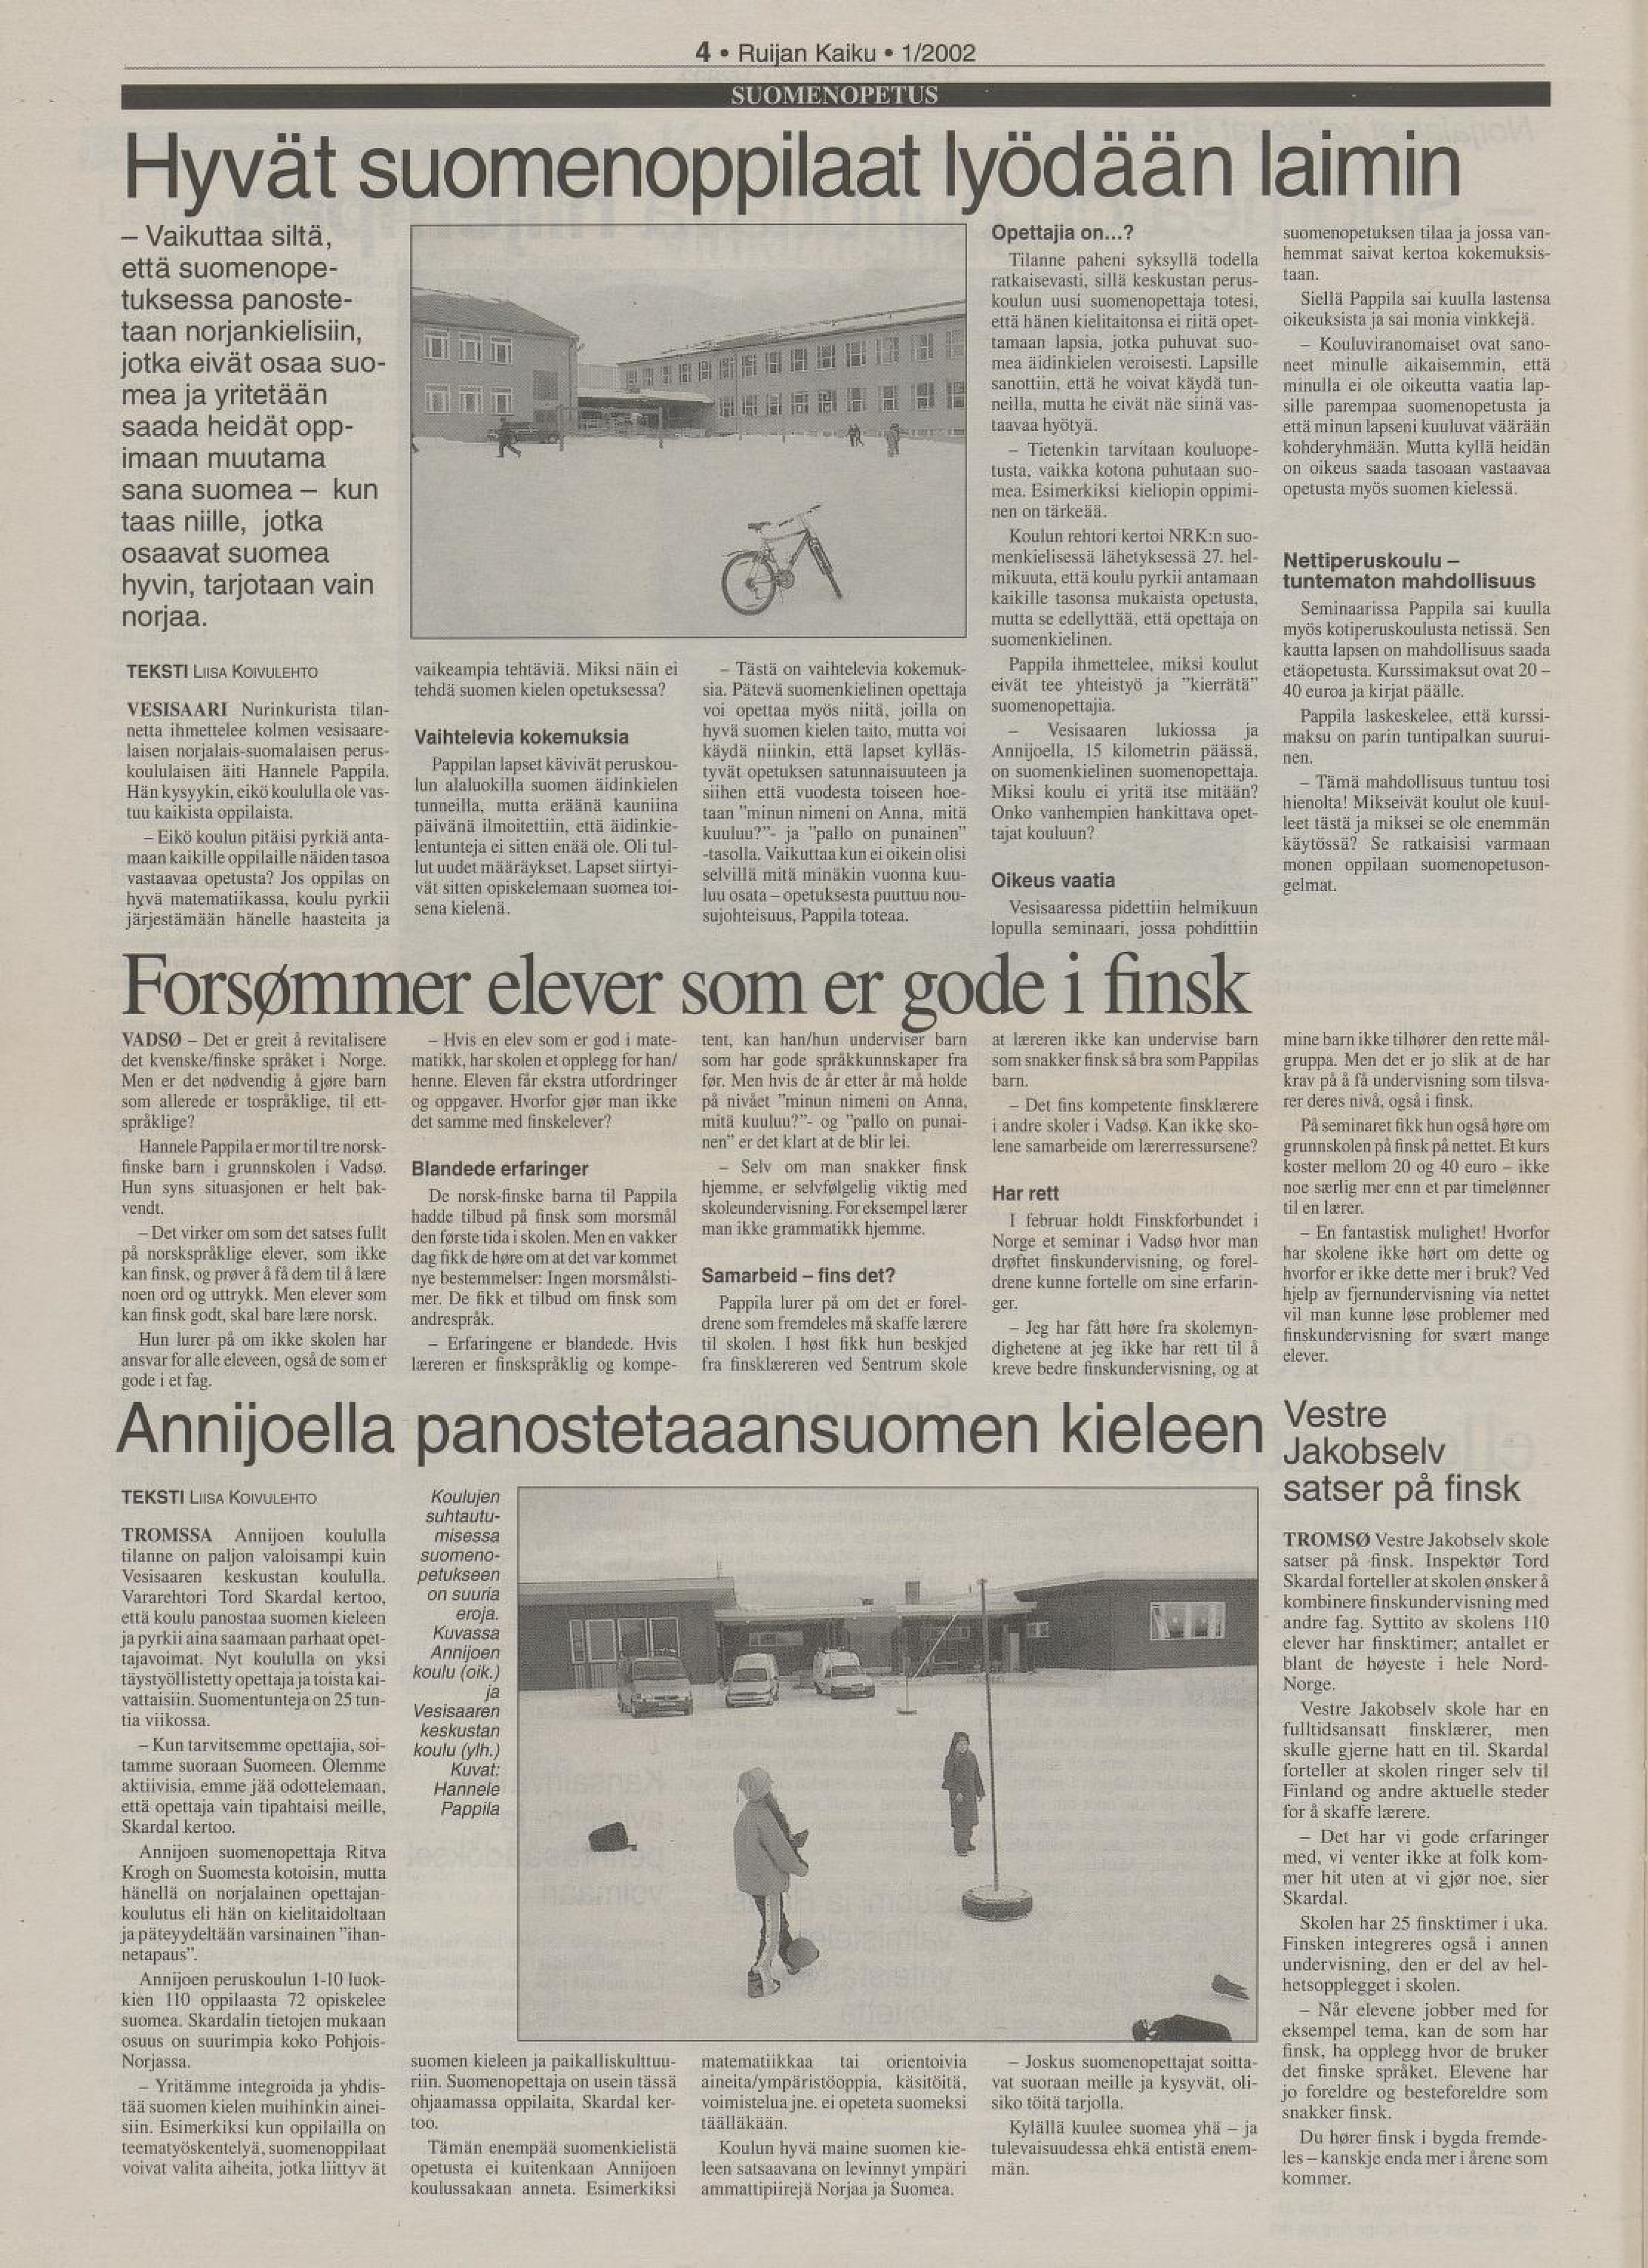 Fra arkivet: Forsømmer elever som er gode i finsk